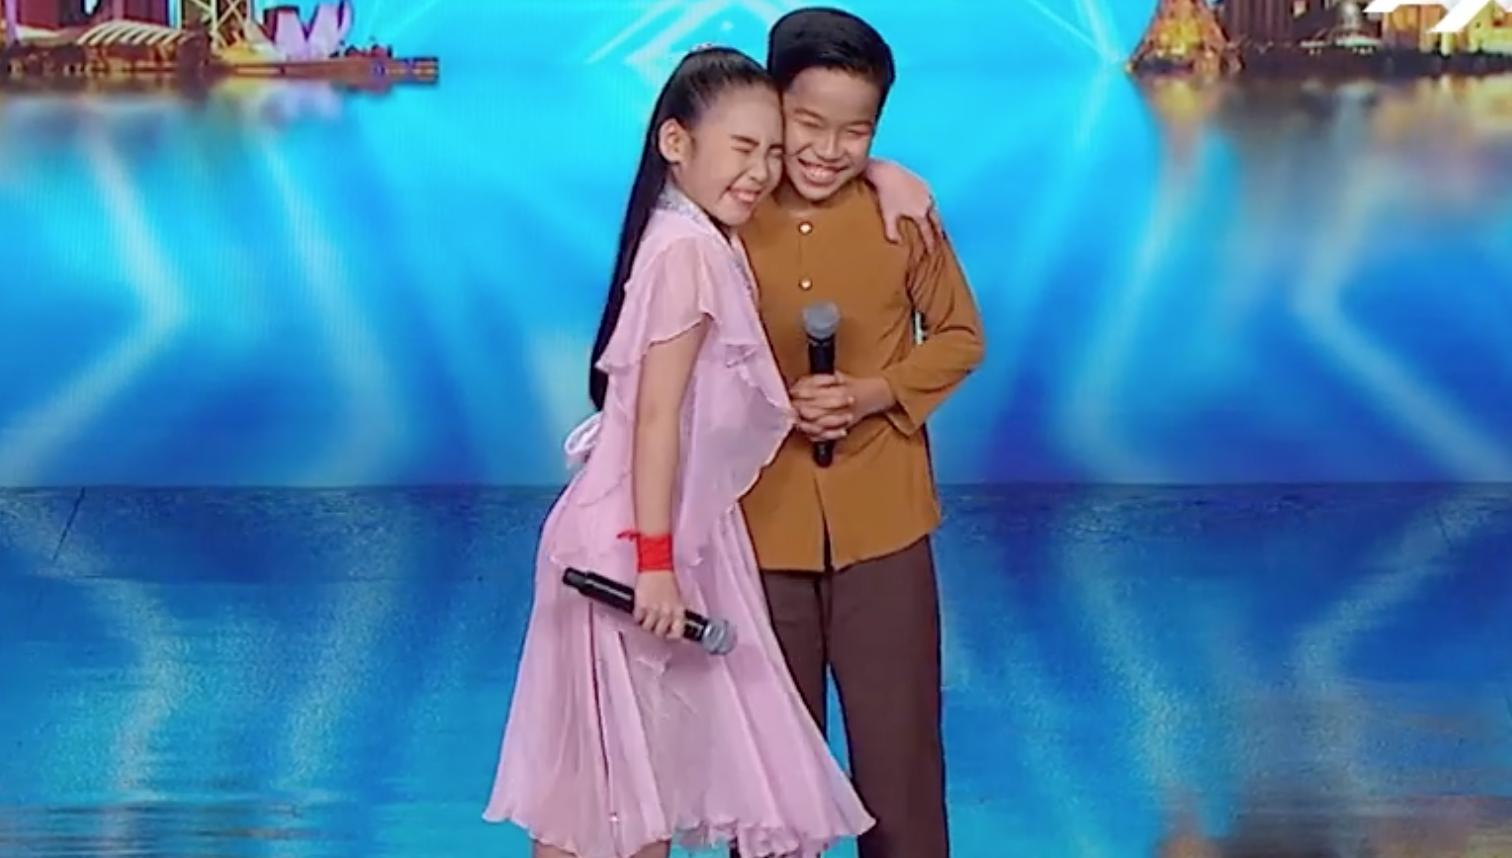 Cặp đôi nhí Việt Nam khiến các giám khảo Asias Got Talent cười tít mắt vì quá đáng yêu - Ảnh 2.